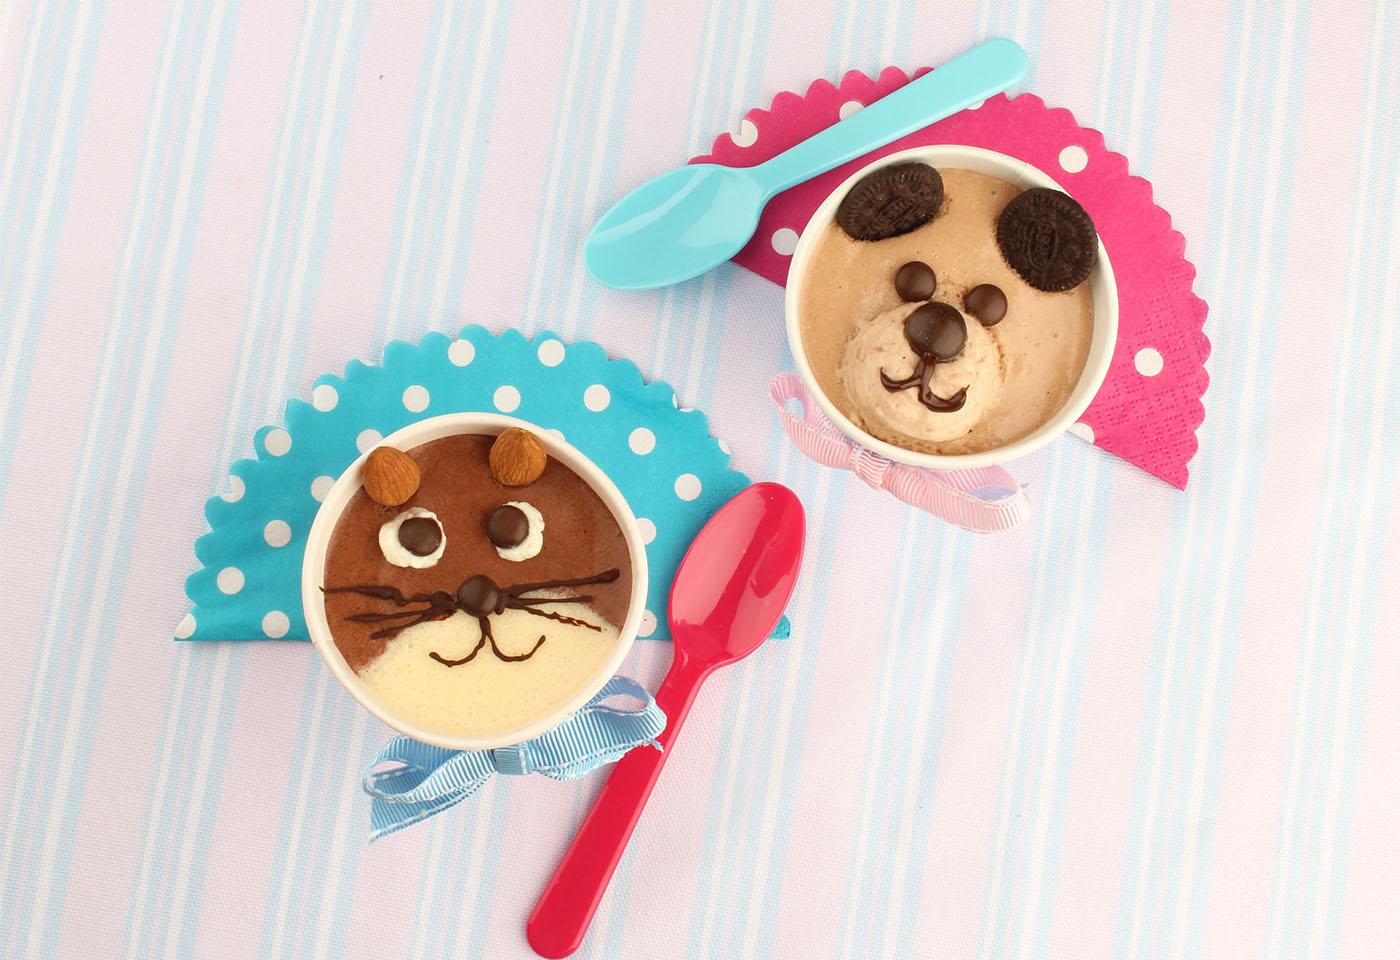 Süße Dessert Tiere - Katze und Hund aus cremiger Mousse | Frisch ...